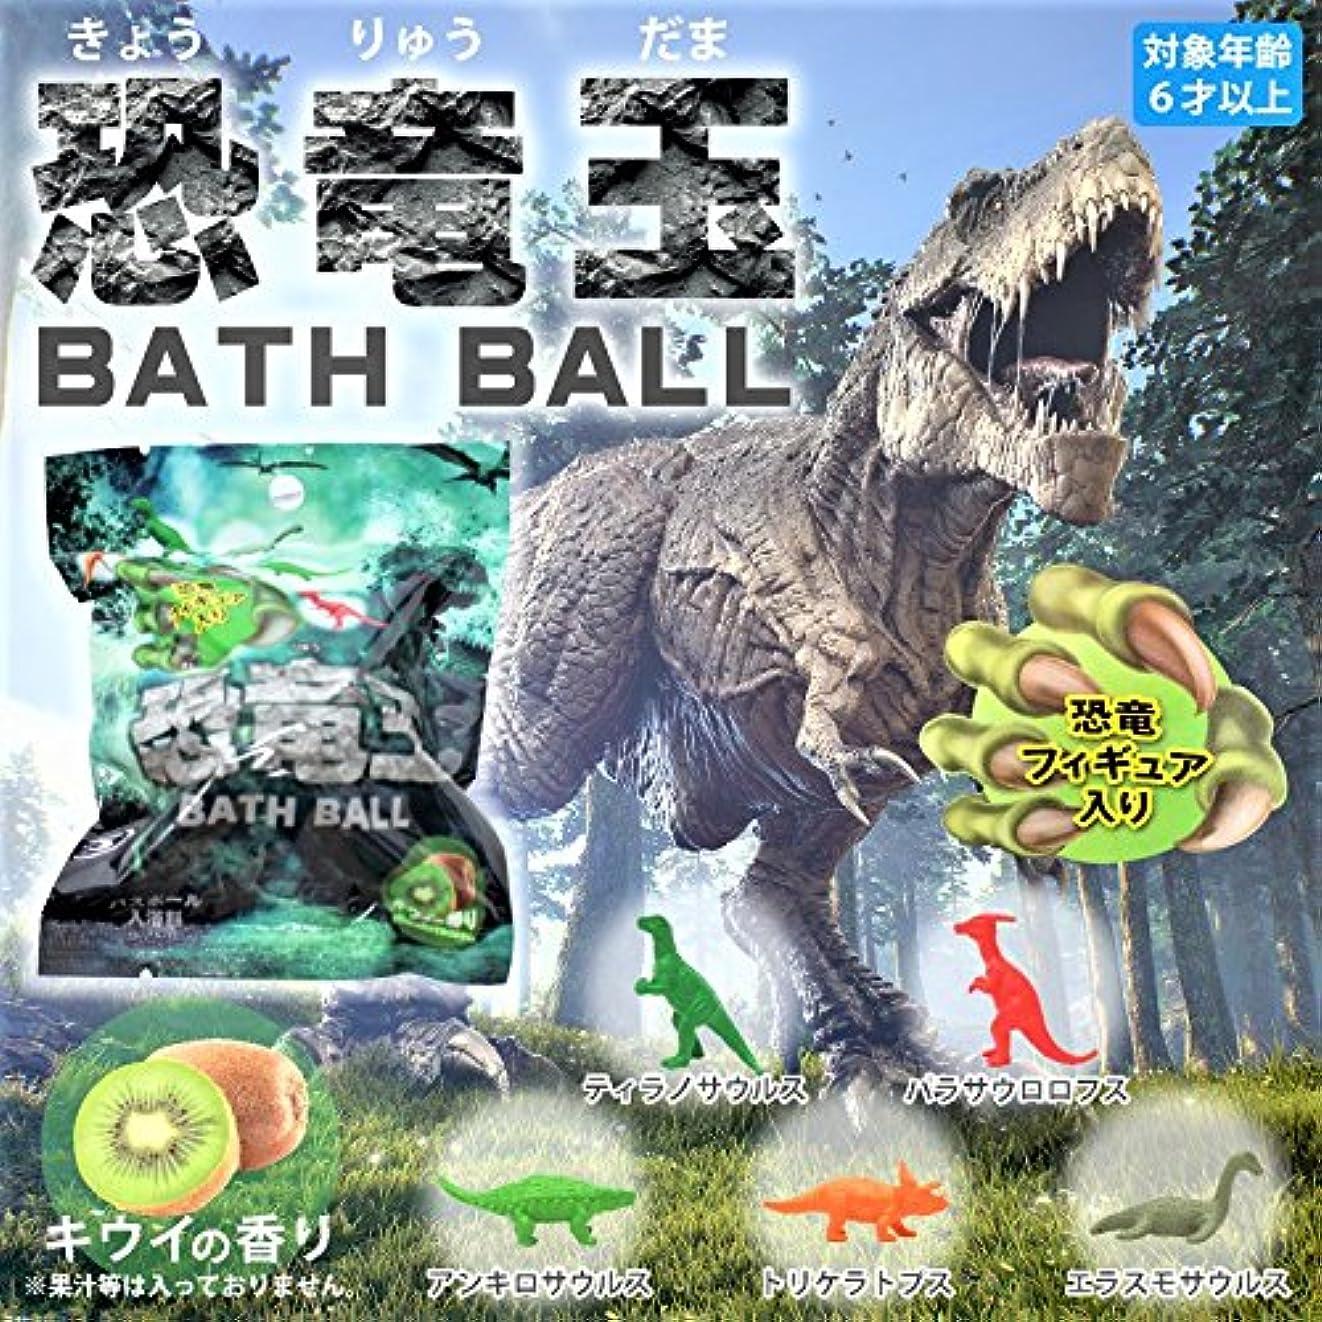 亡命人工論争の的恐竜玉バスボール 6個1セット キウイの香り 恐竜フィギュア入りバスボール 入浴剤